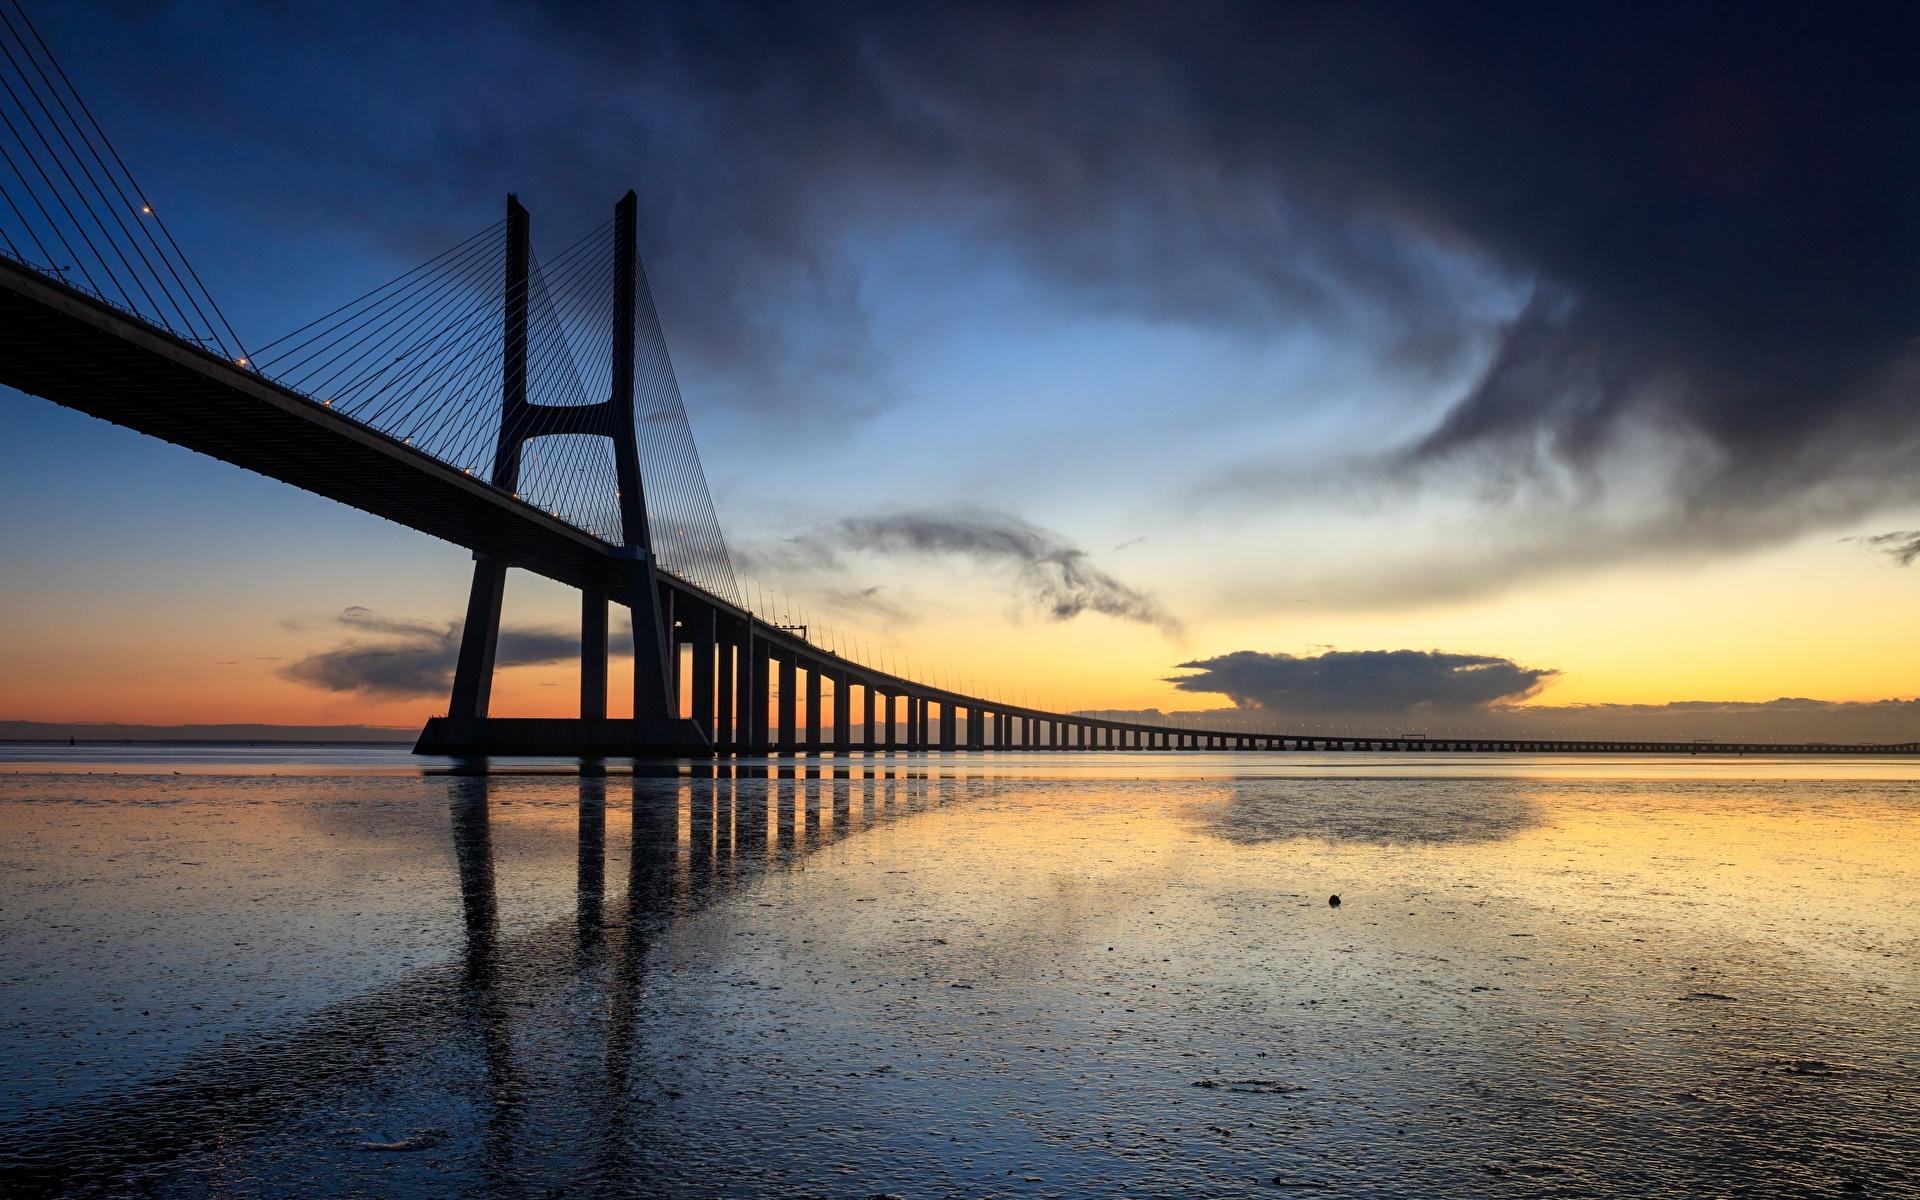 Tapety miasto Portugalia Vasco da Gama bridge Mosty Wieczór Lizbona 1920x1200 Miasta most